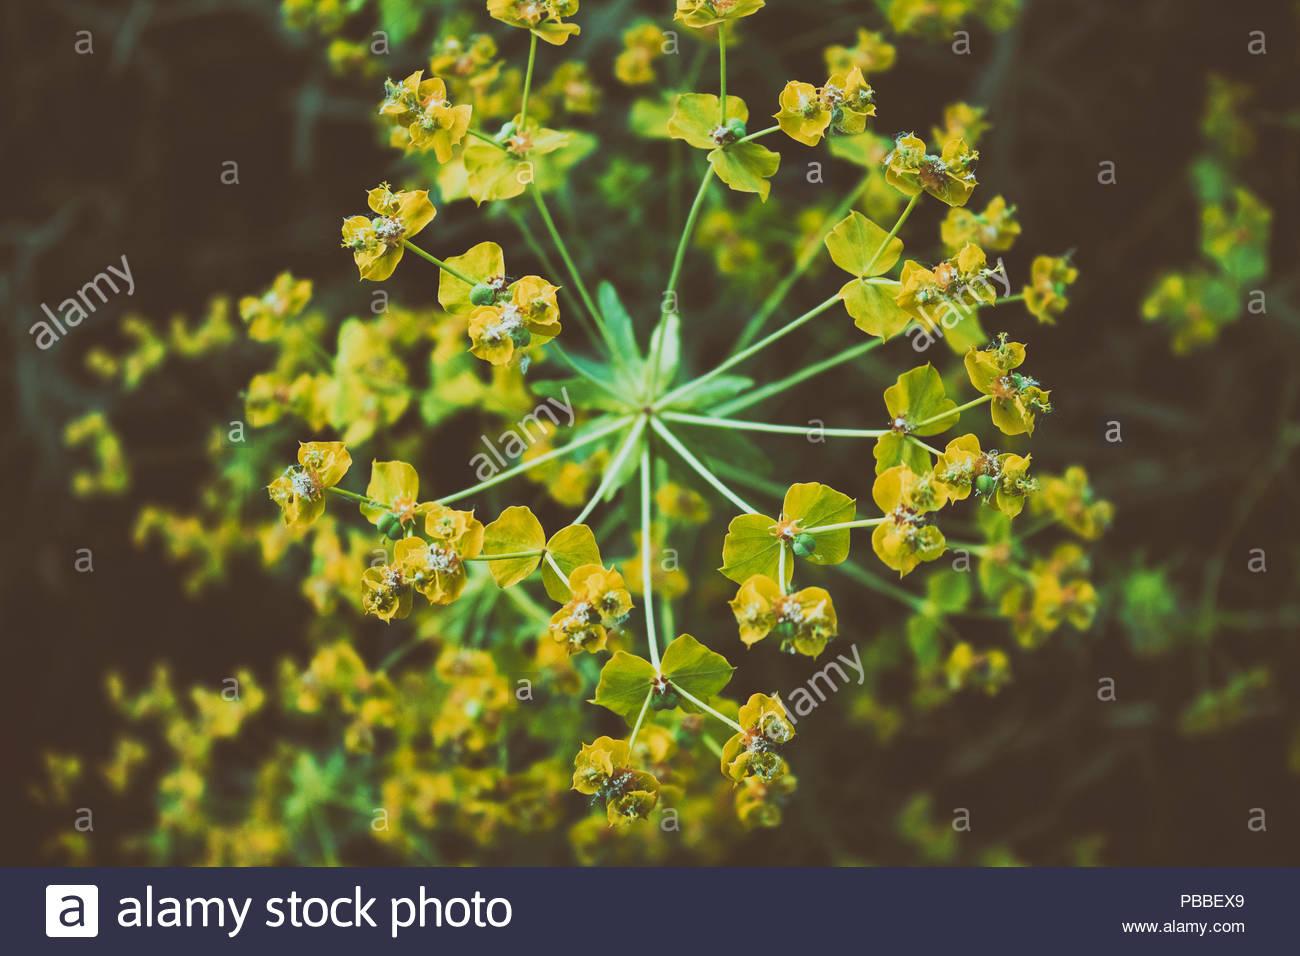 Wood Spurge - Euphorbia amygdaloides. Closeup. Stock Photo